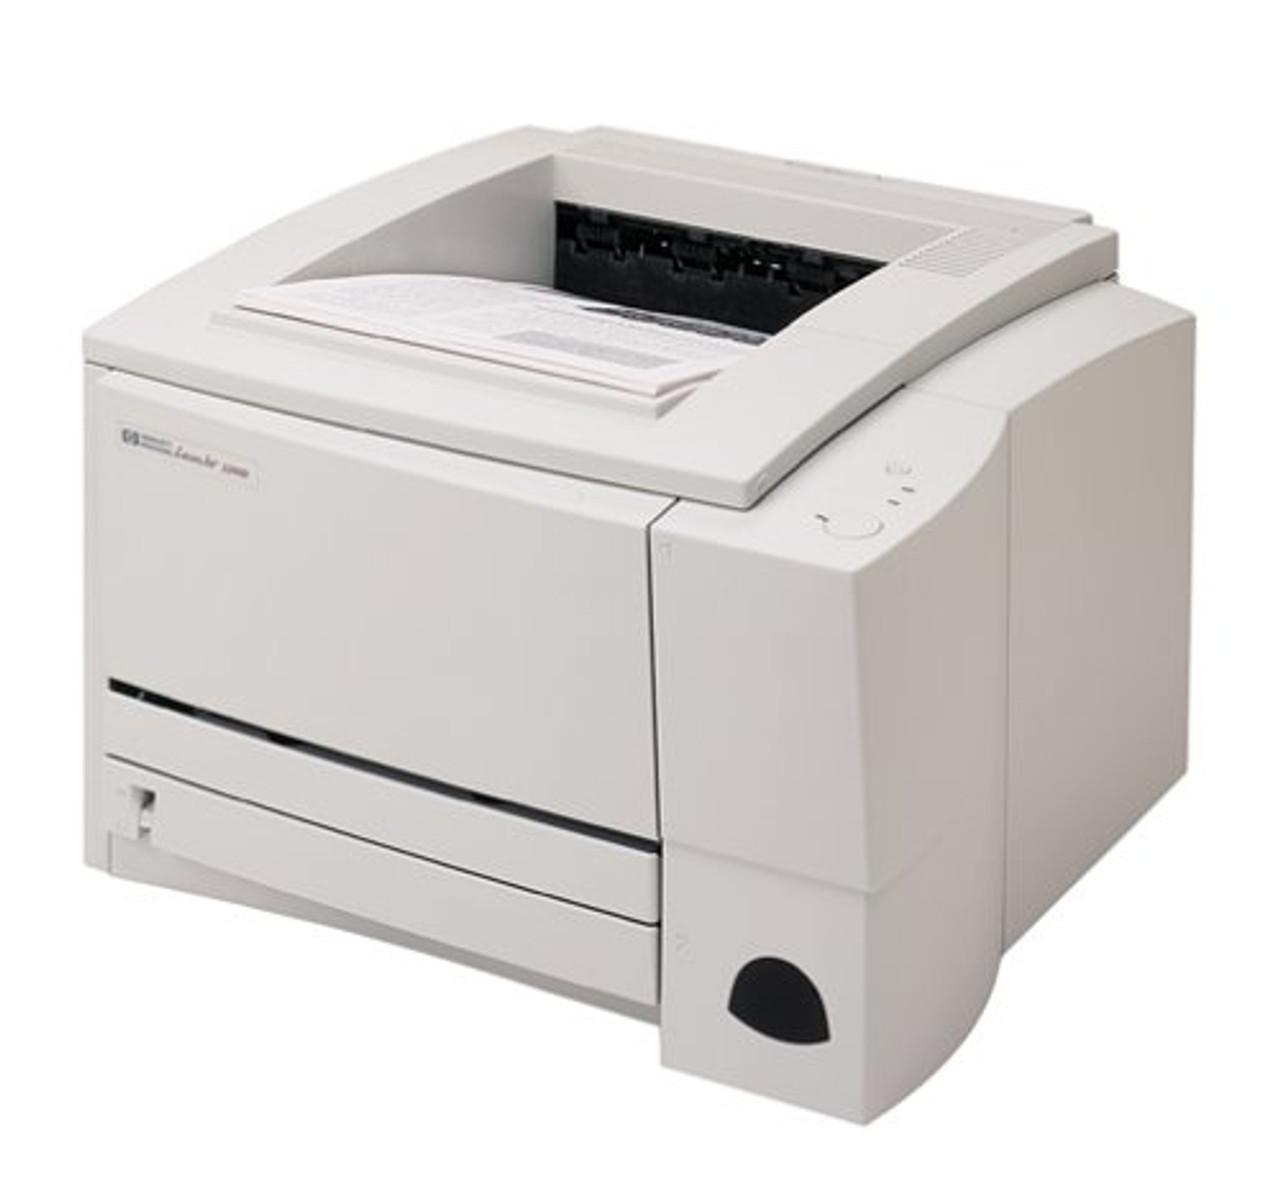 HP LaserJet 2200d - C7058AR - HP Laser Printer for sale